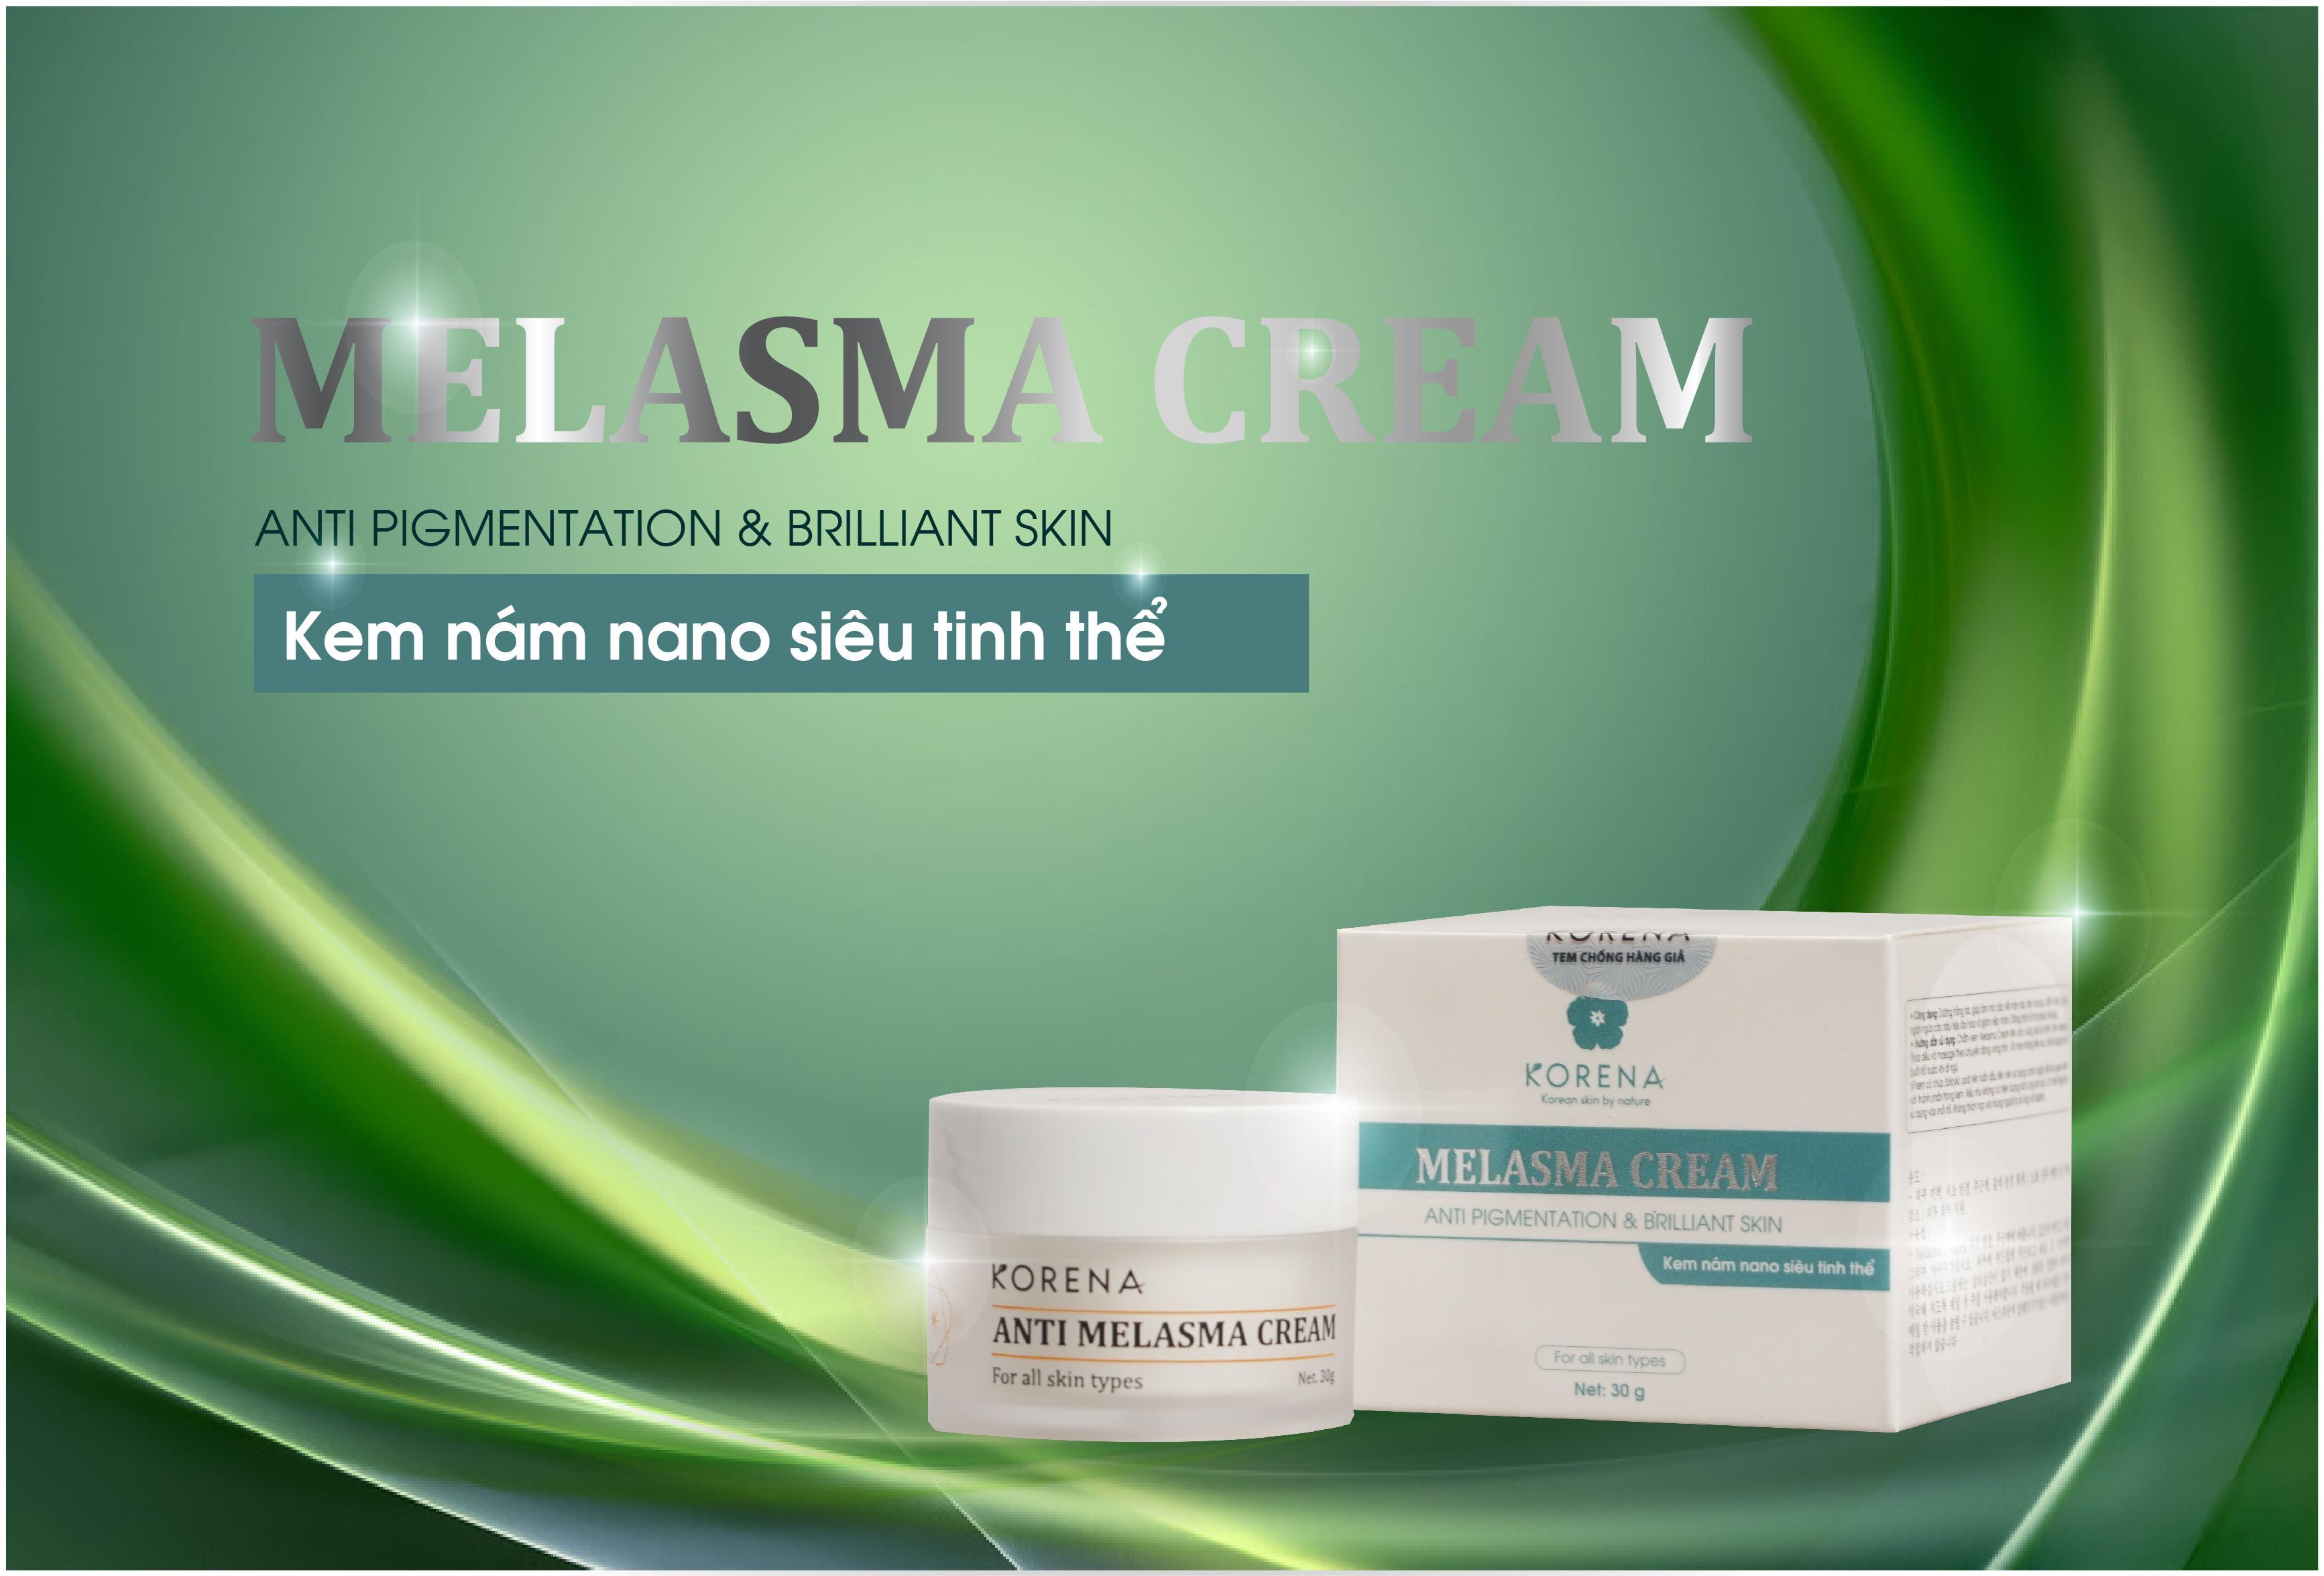 Anti Melasma Cream Korena Kem trị nám chứa vitamin C cùng nhân sâm